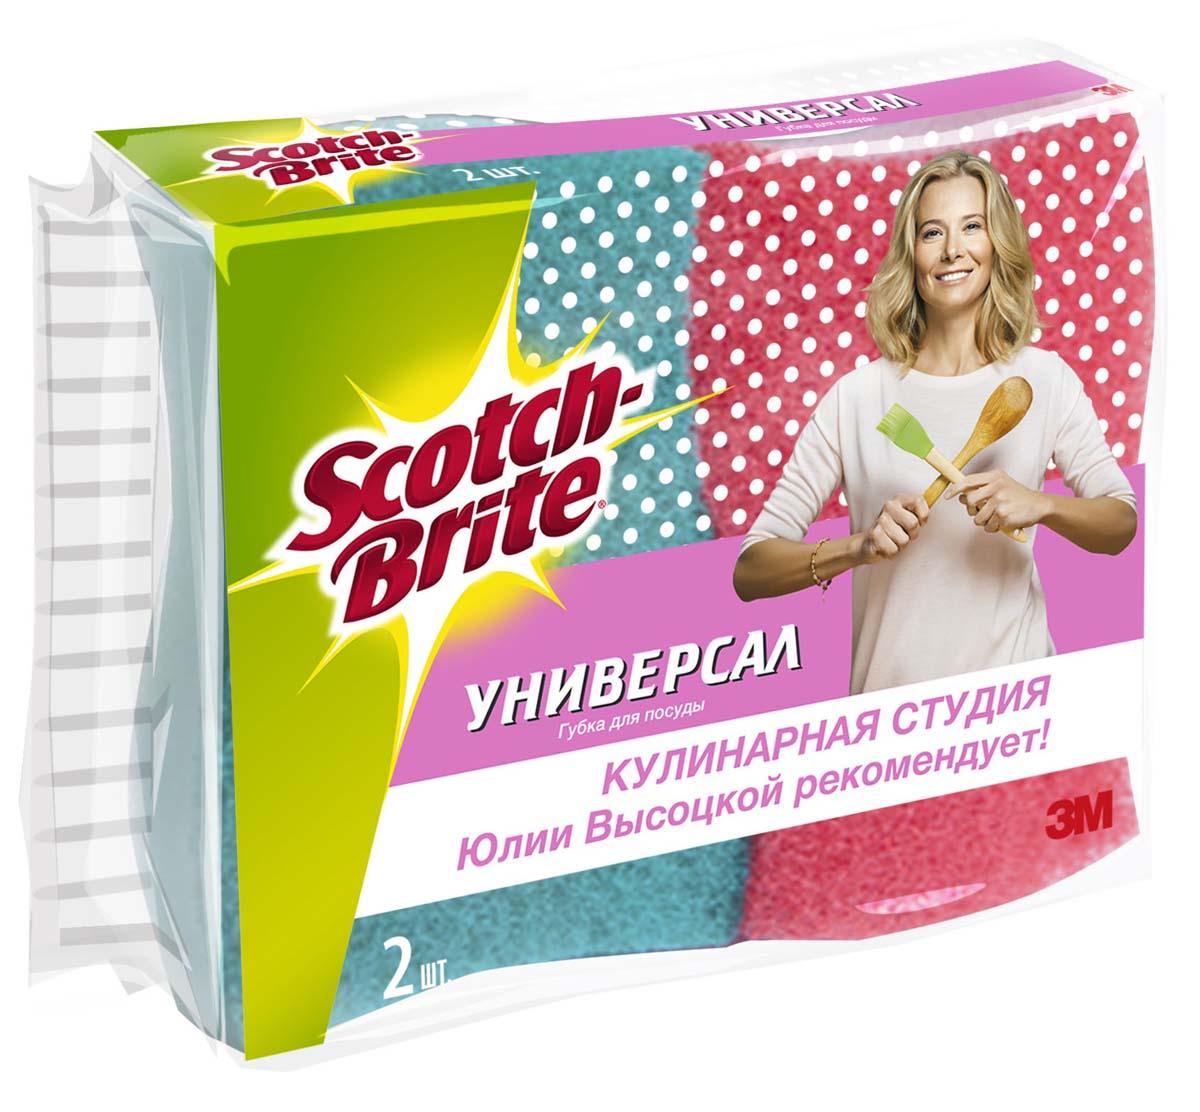 Губка для посуды Scotch-Brite, универсальная, 2 шт scotch brite 7 x 9